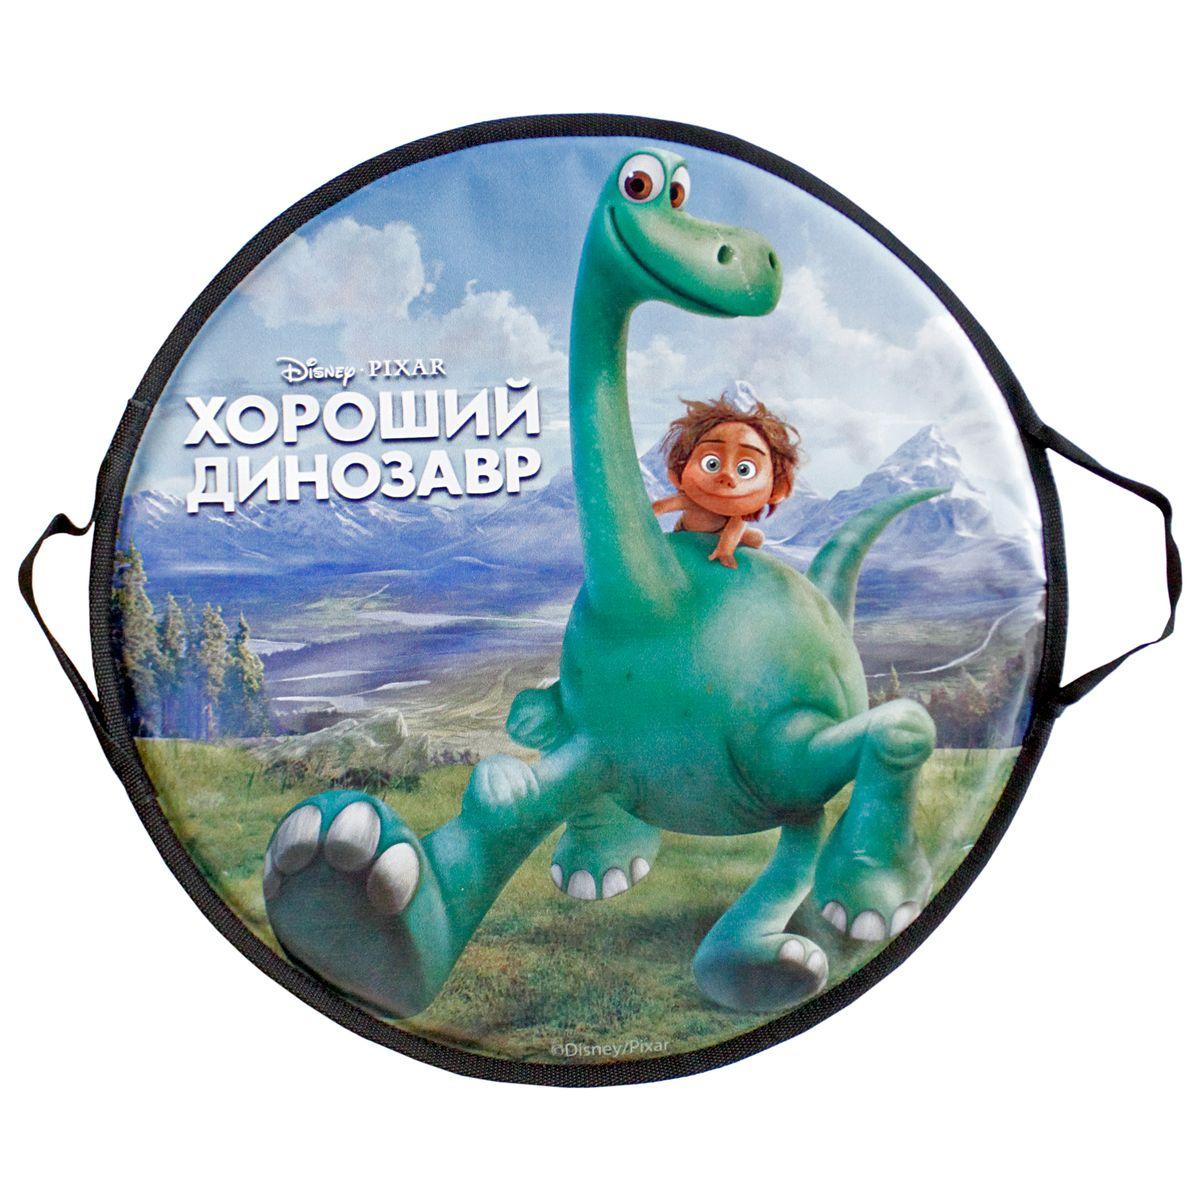 Ледянка круглая 52см, Disney Добропорядочный динозаврТ58168Ледянка Disney Добропорядочный динозавр станет прекрасным подарком. Изделие предназначено катания с горок и идеально подойдет как для мальчиков, так и для девочек. Ледянка развивает на спуске хорошую скорость. Плотные ручки, расположенные по краям изделия помогут не упасть.